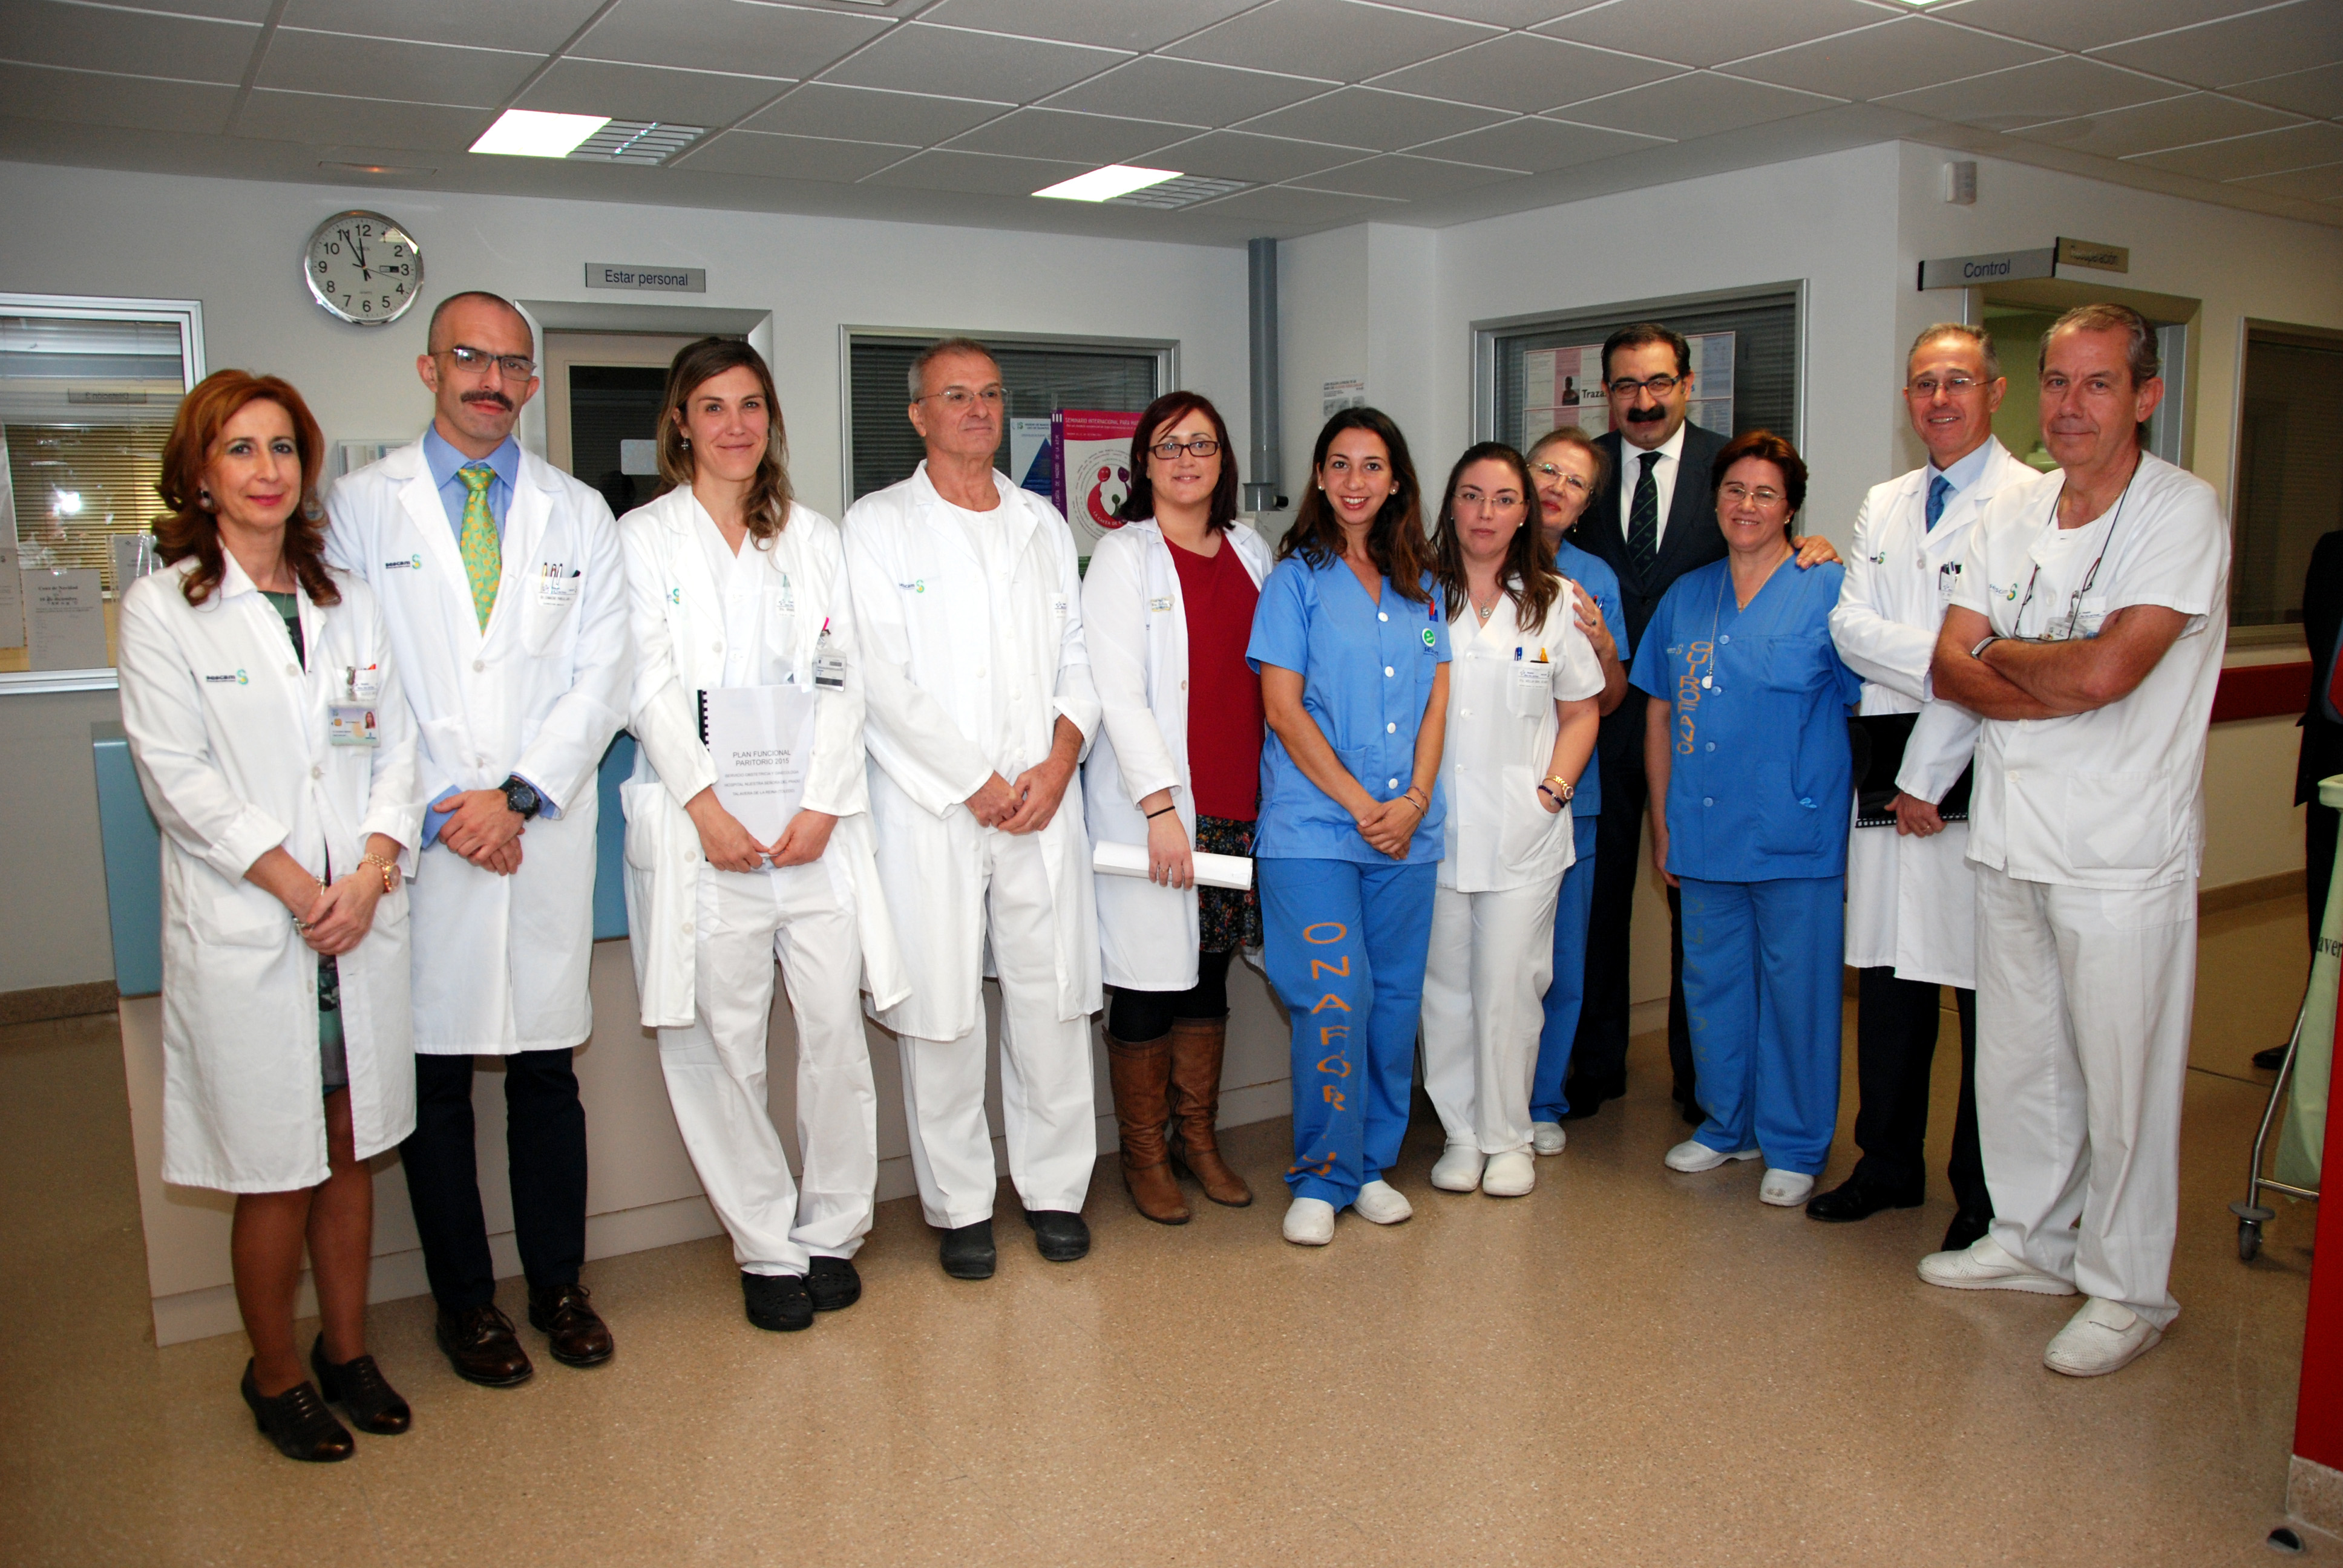 Los Talleres de Ictus del Hospital de Talavera, enmarcados en el Plan DIGNIFICA, candidatos al Premio Hospital Optimista